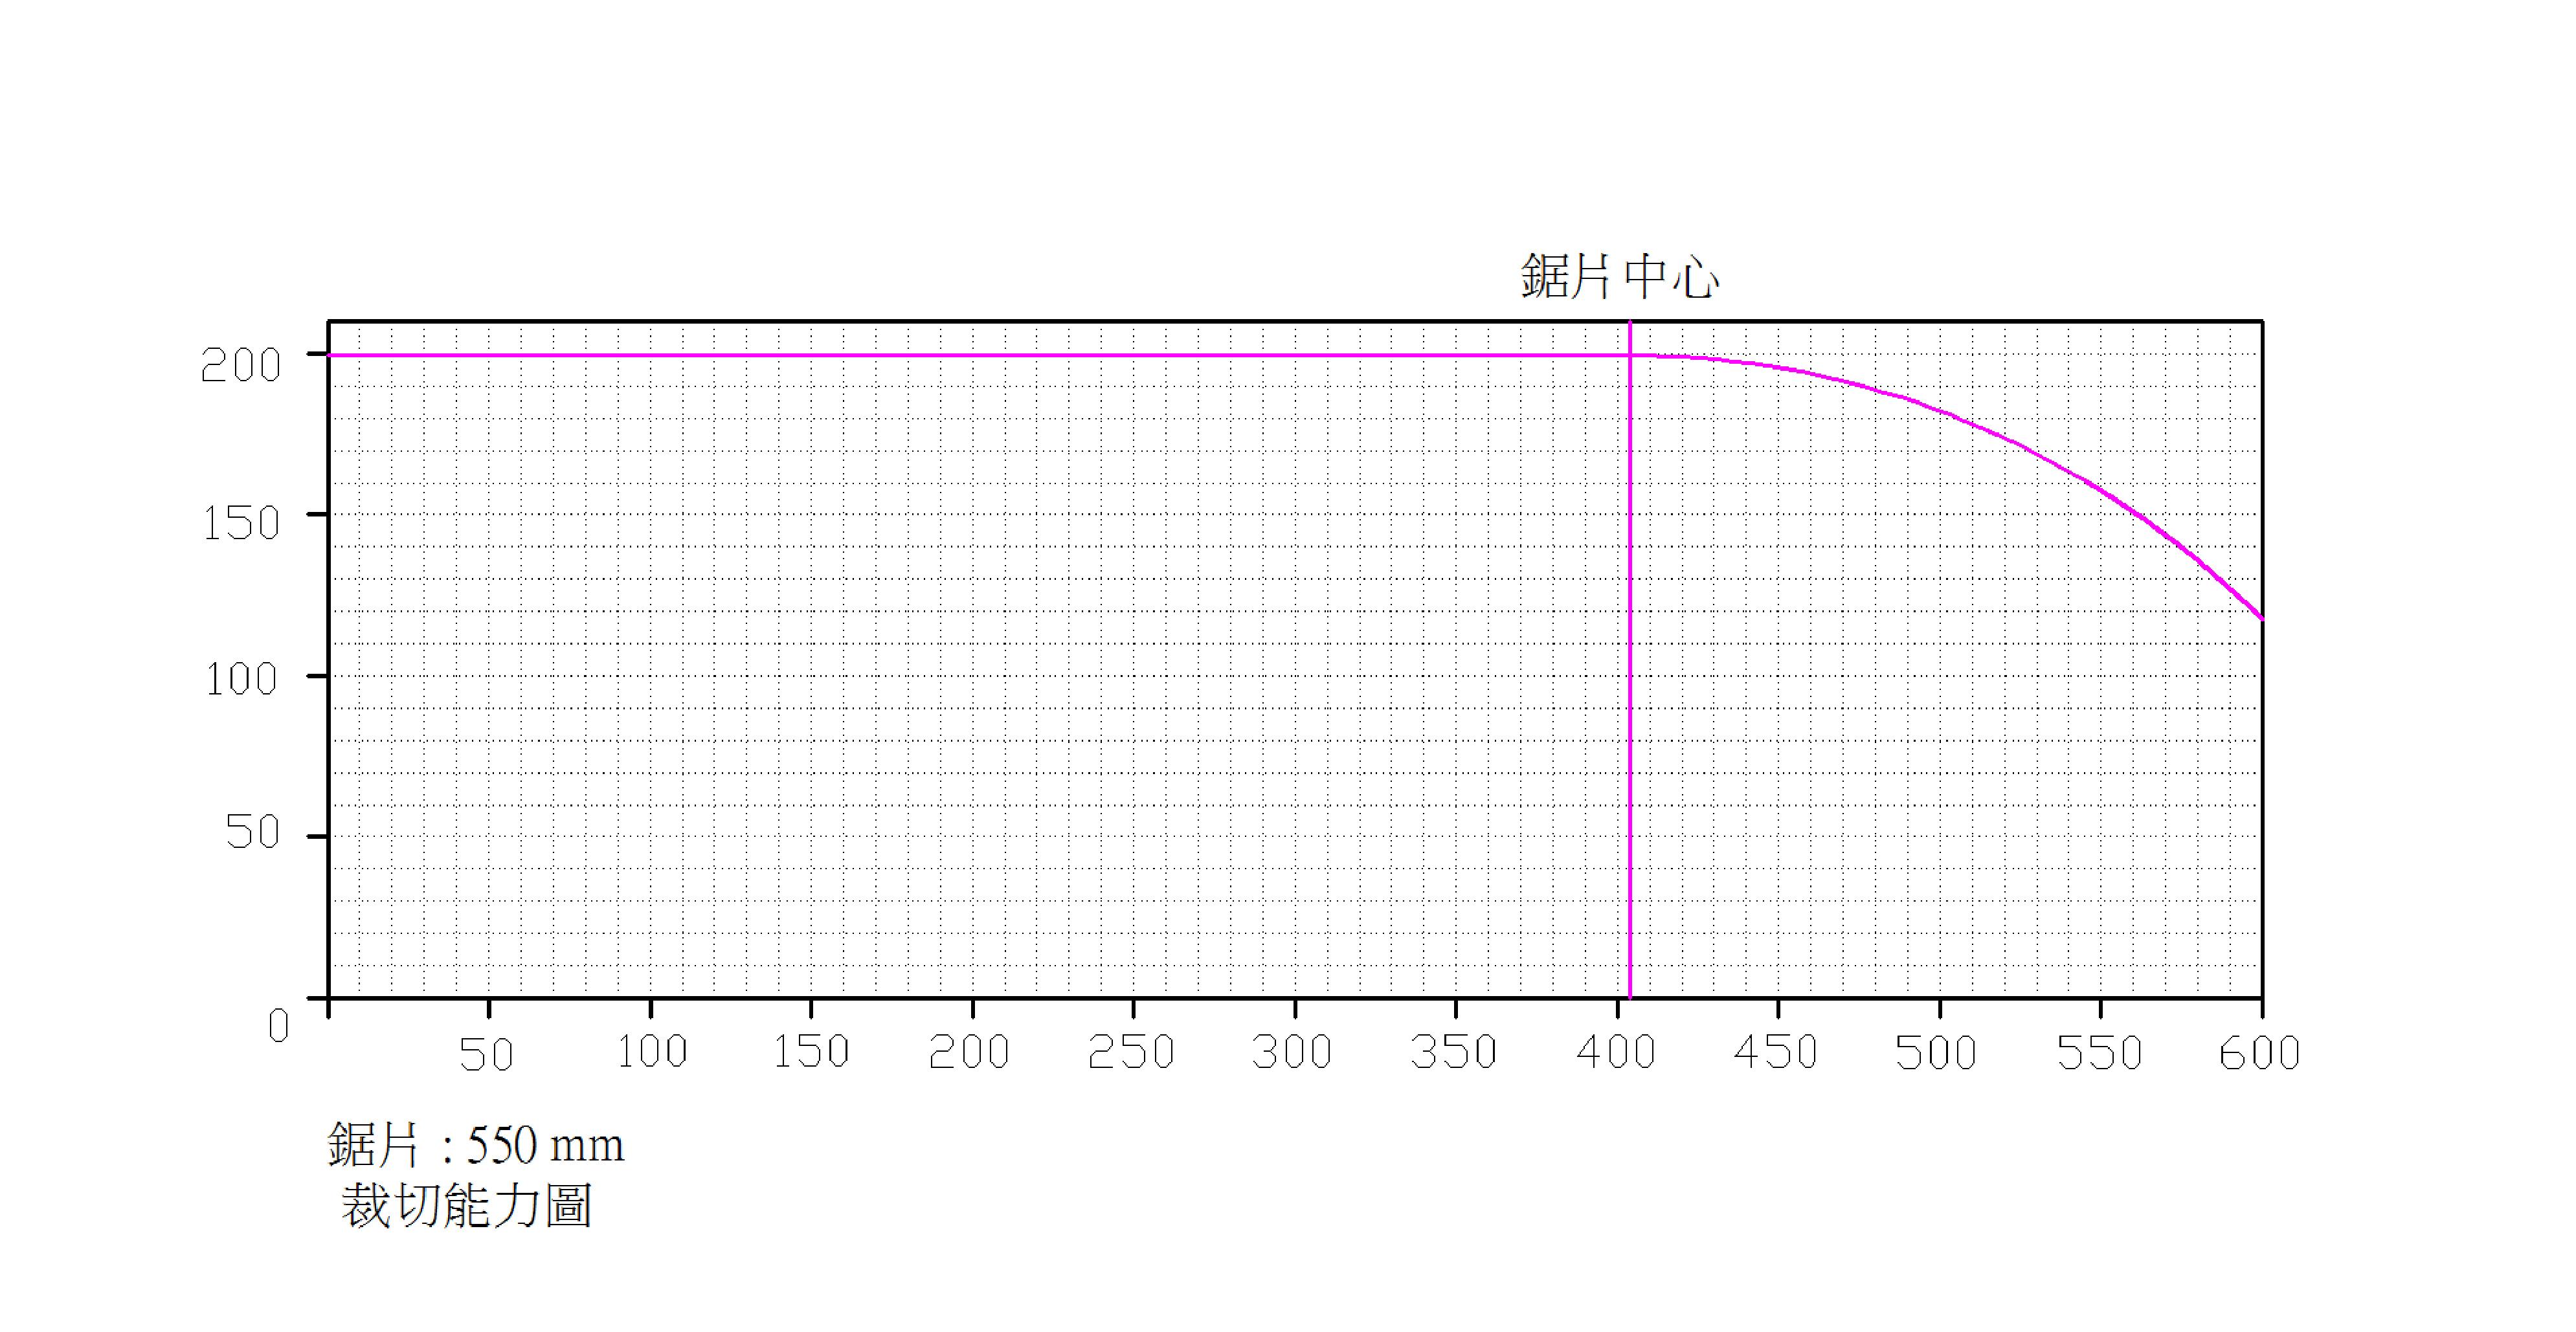 AC20-600-裁切能力图-550mm